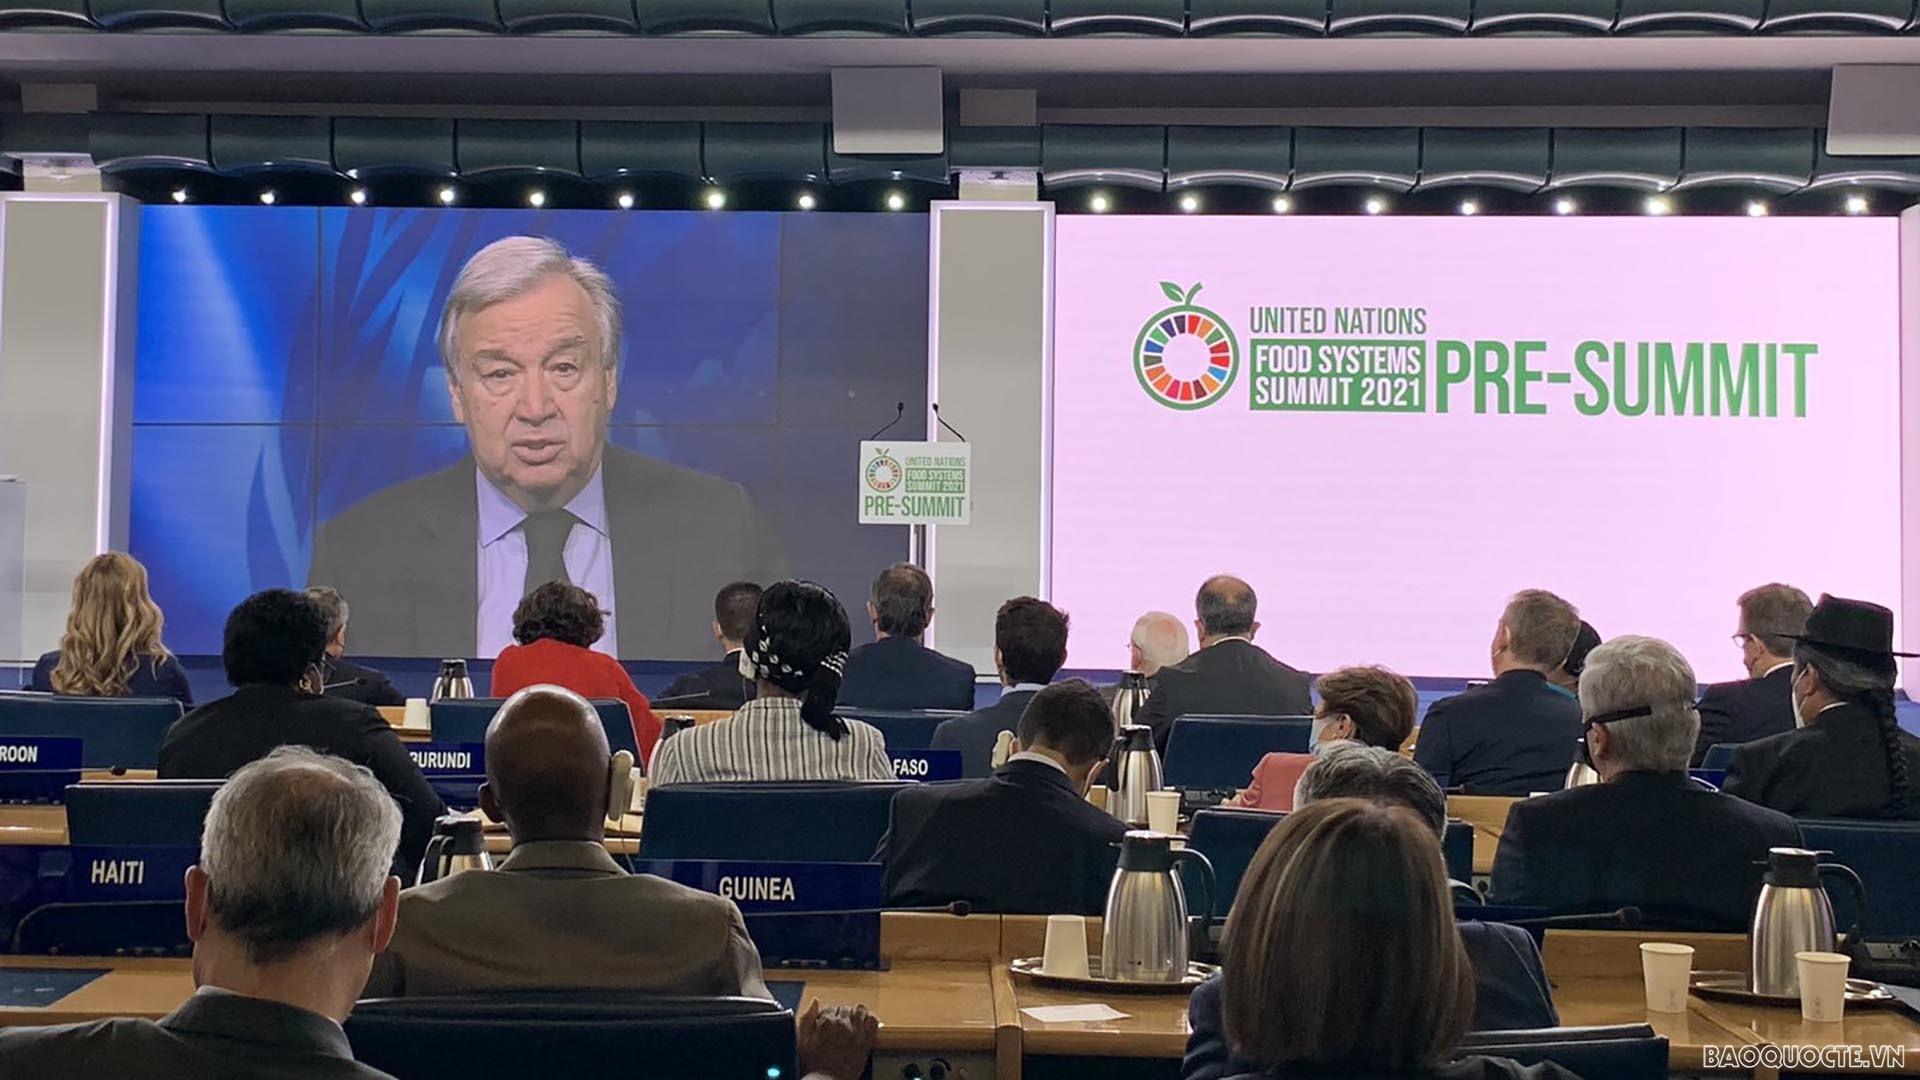 Tổng Thư ký LHQ António Guterres phát biểu khai mạc ội nghị Trù bị cho Thượng đỉnh Hệ thống lương thực